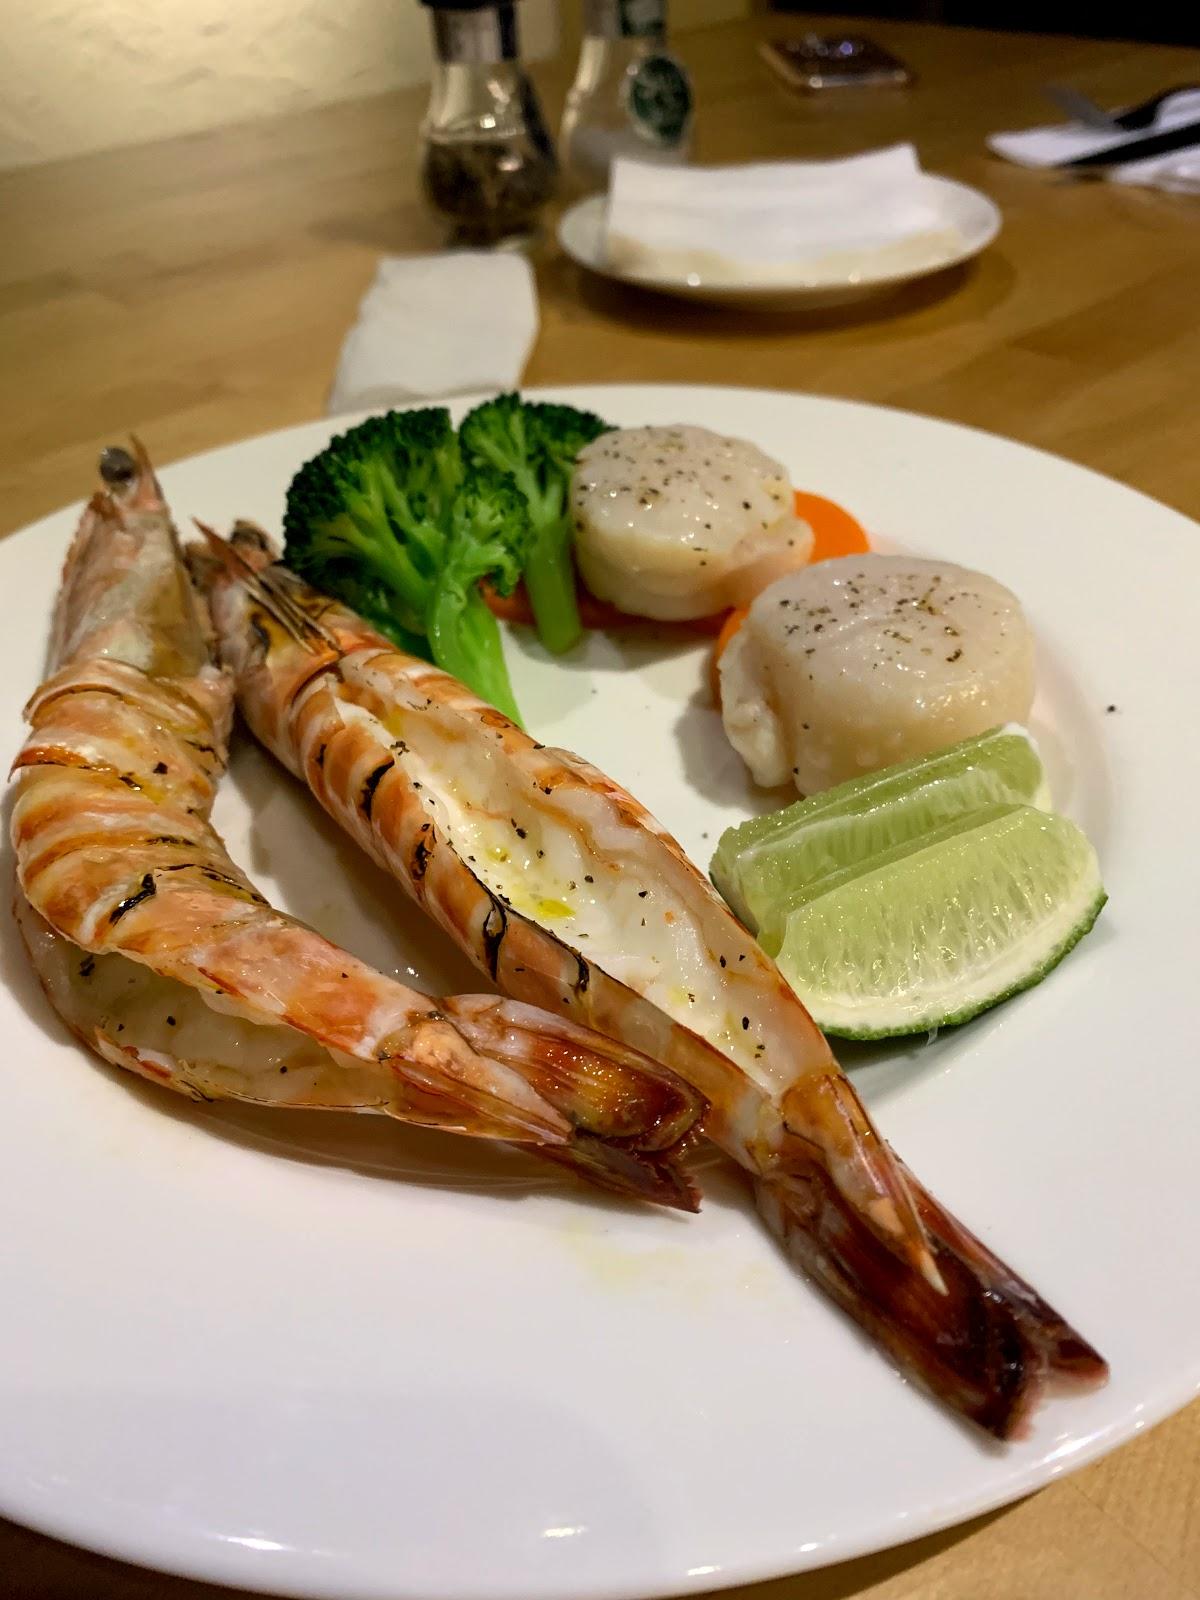 元食 cafe - Foody 吃貨